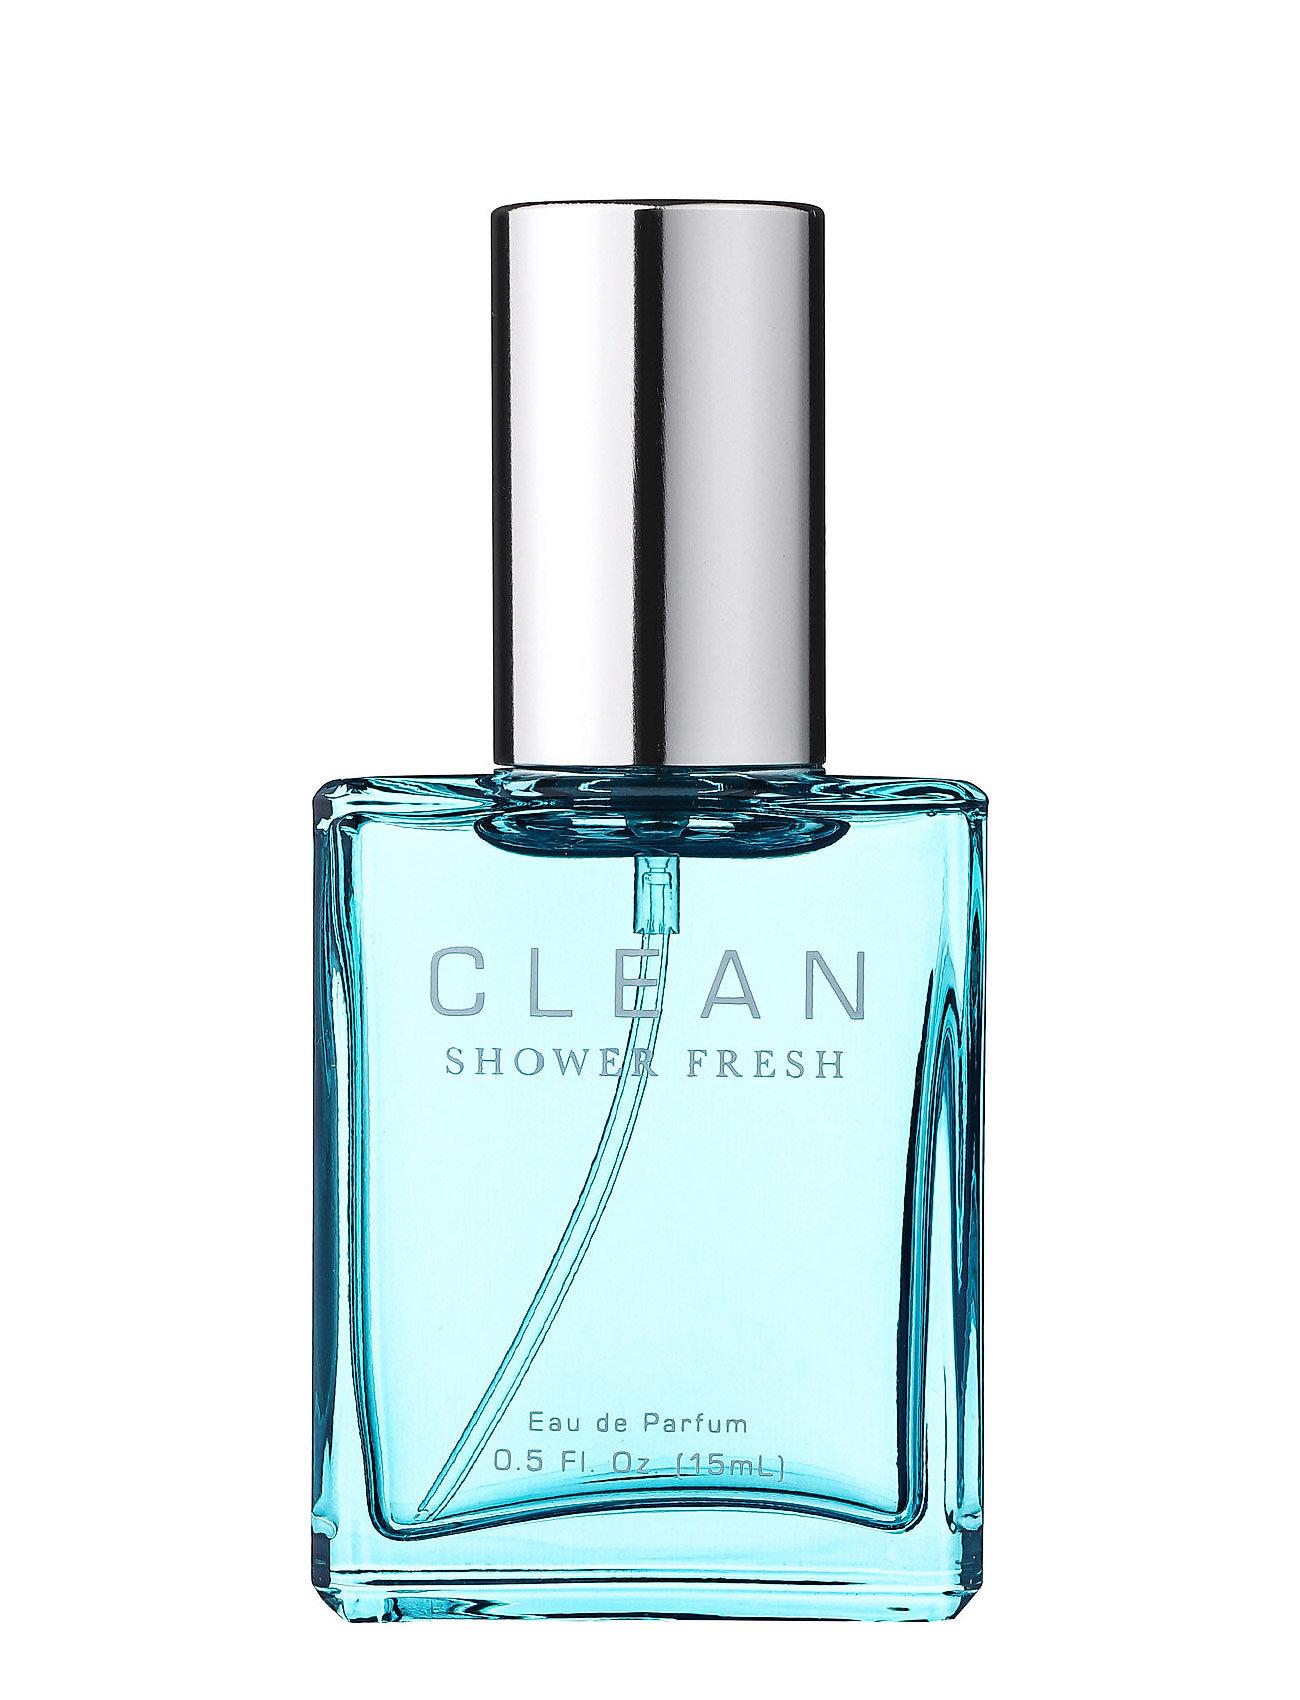 Clean shower fresh edp, 15ml fra clean på boozt.com dk